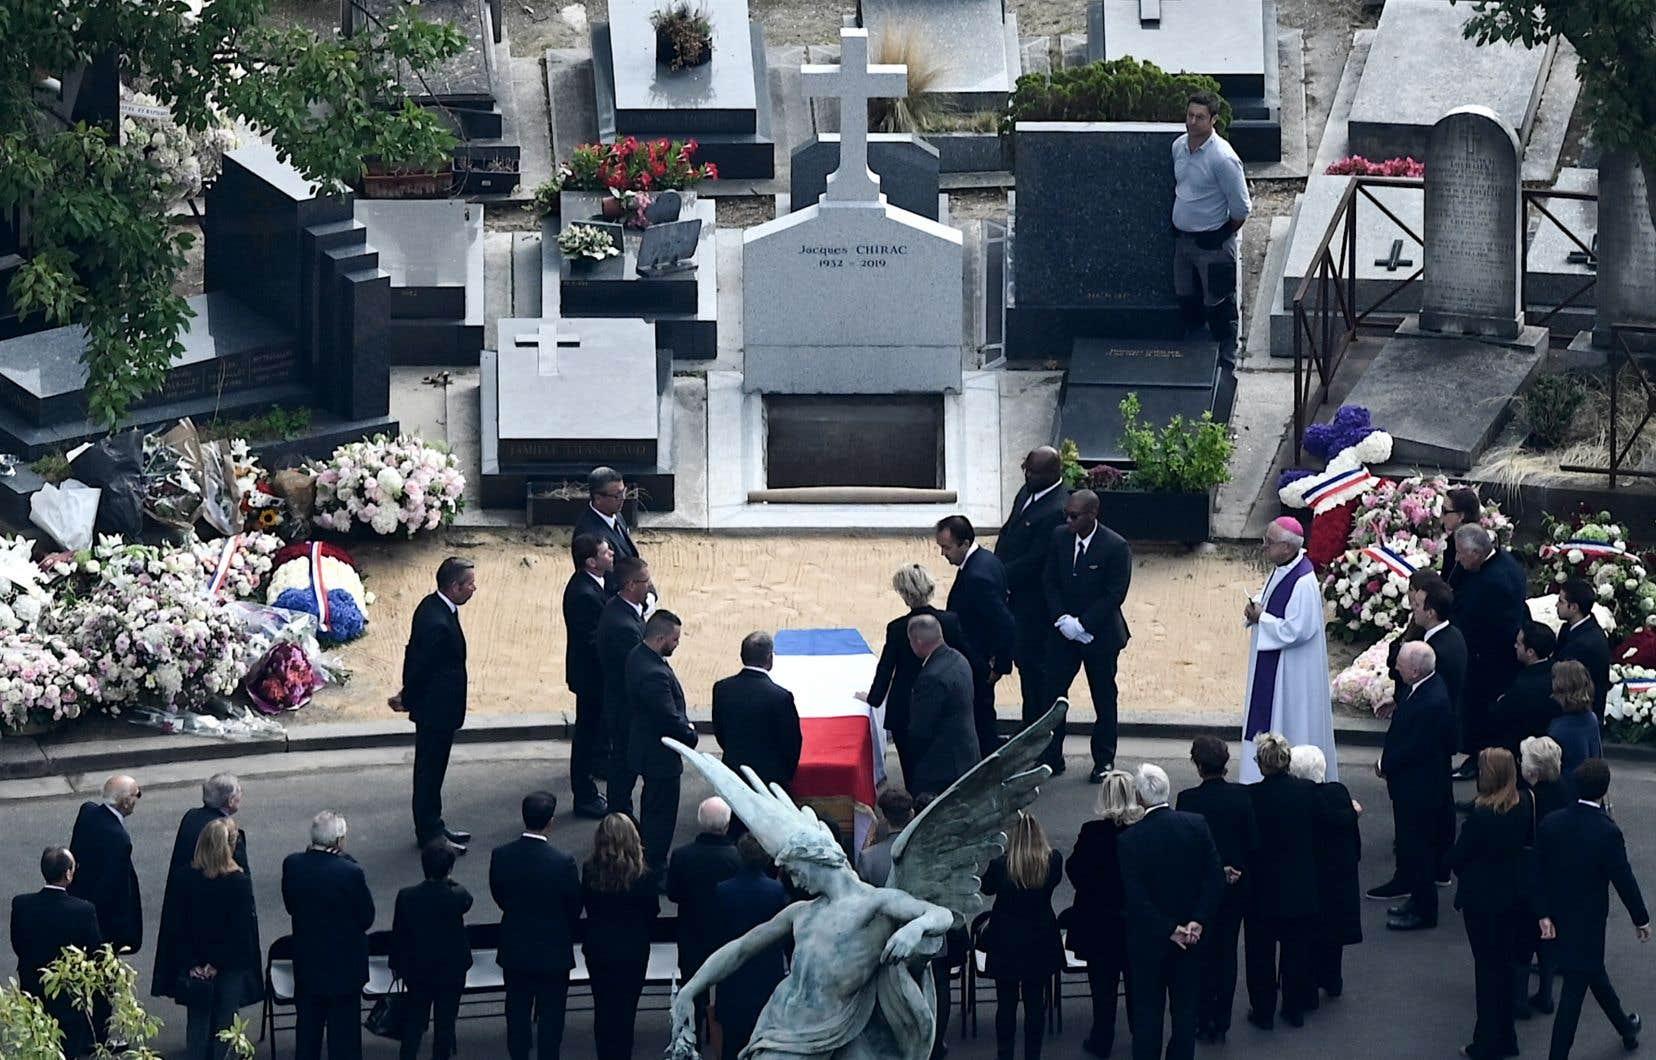 Un service religieux familial pour M. Chirac a été célébré avant l'hommage militaire et des funérailles privées ont ensuite eu lieu au cimetière de Montparnasse.